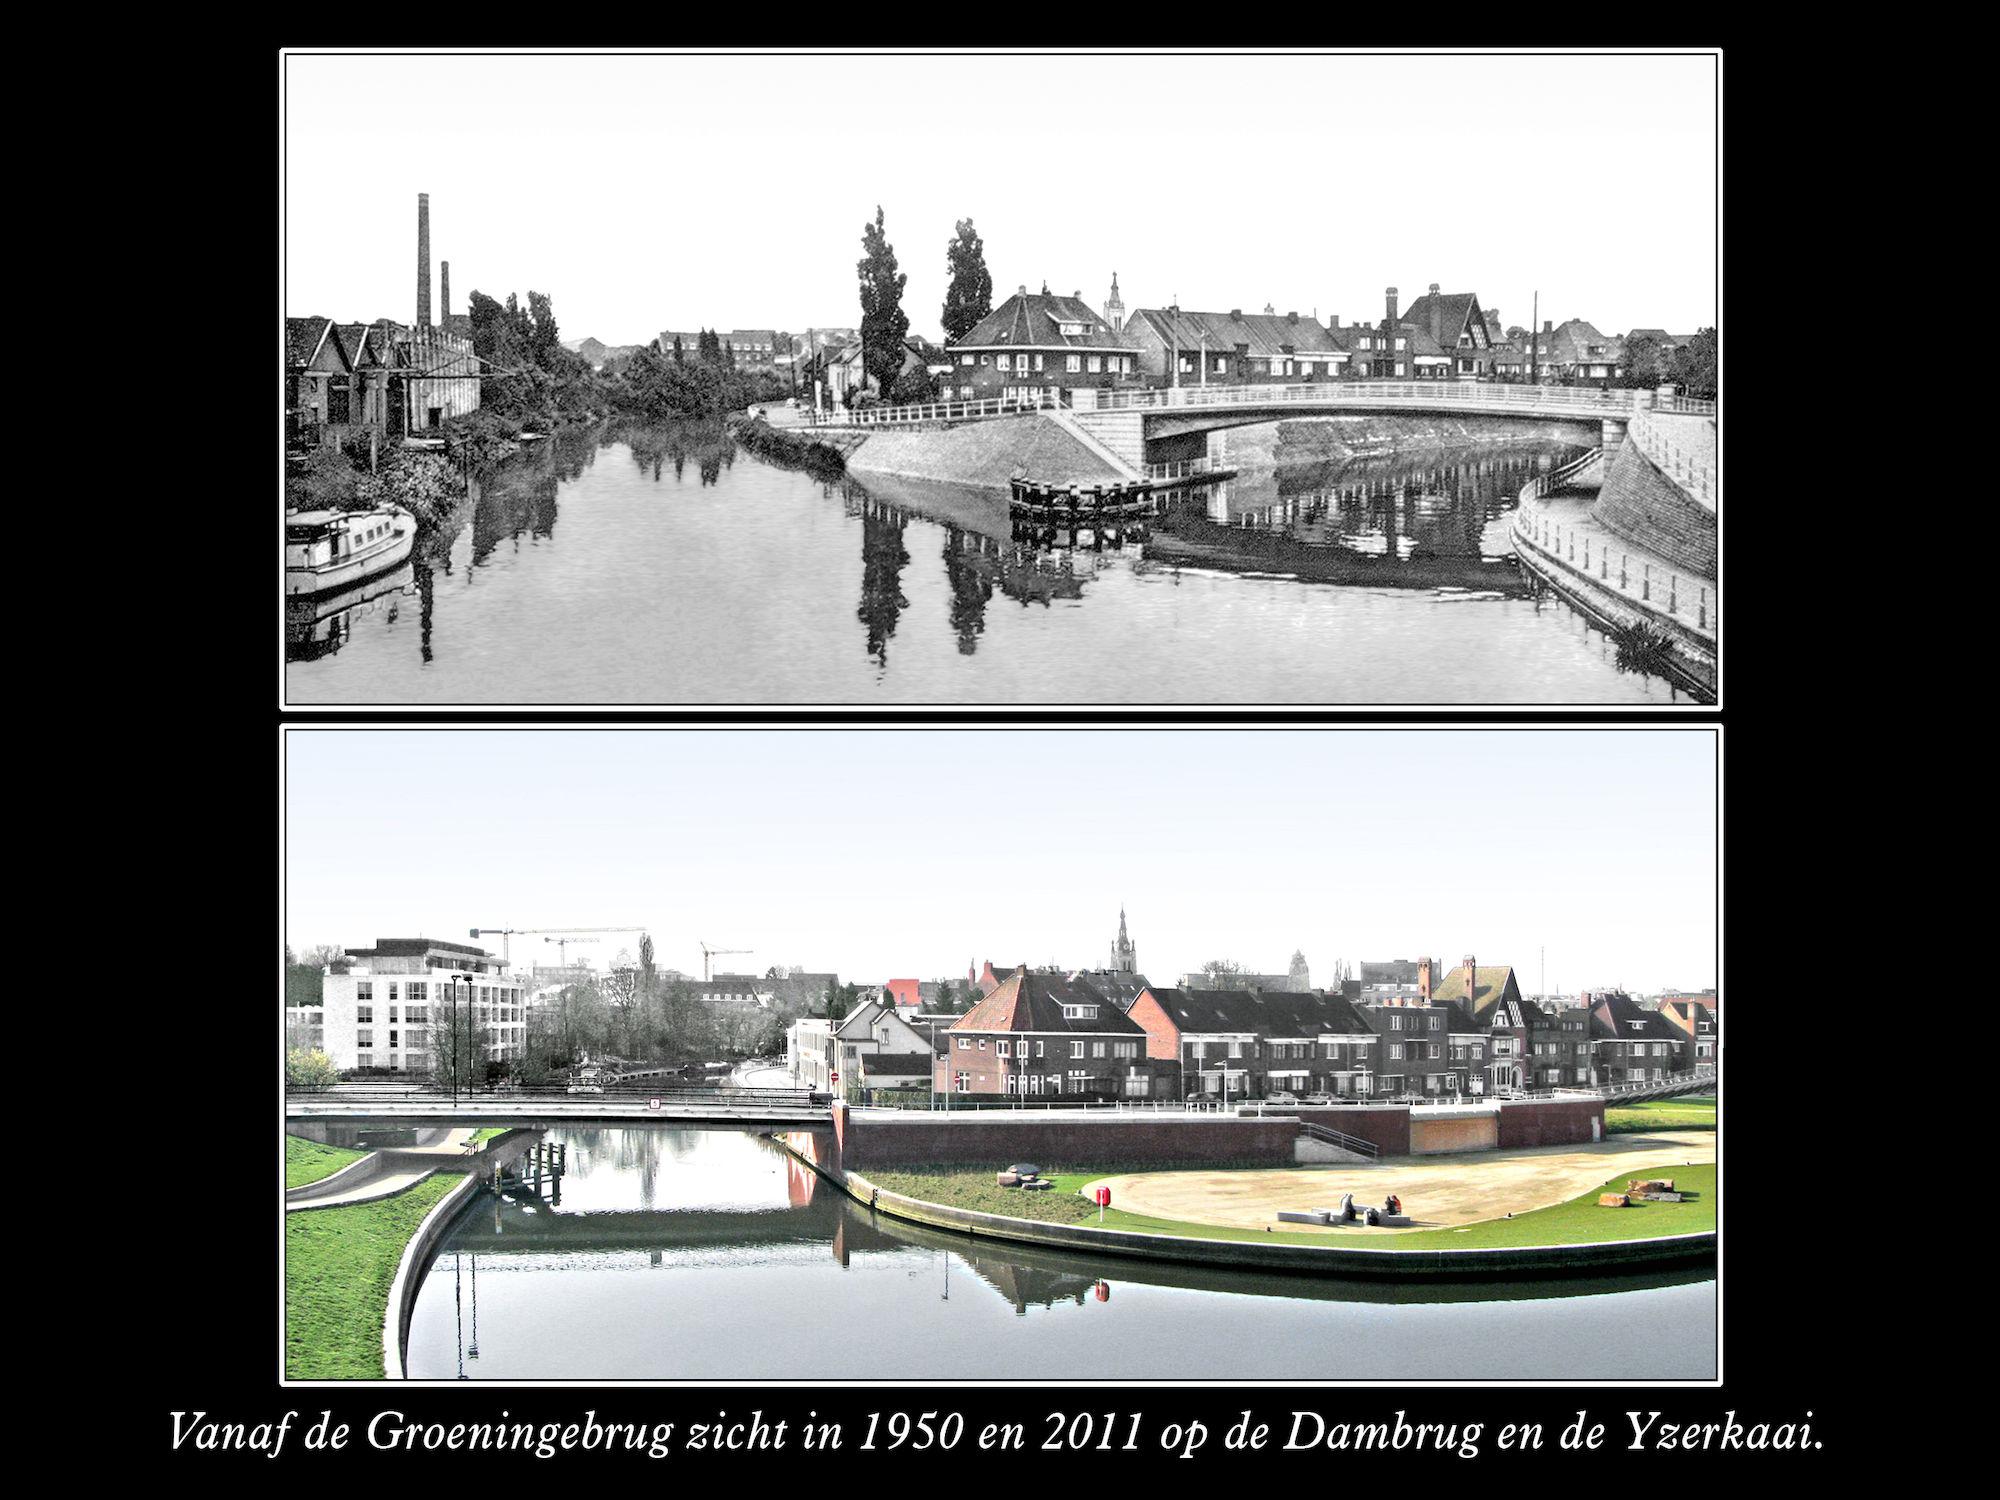 Ijzerkaai en Dambrug 1950 en 2011